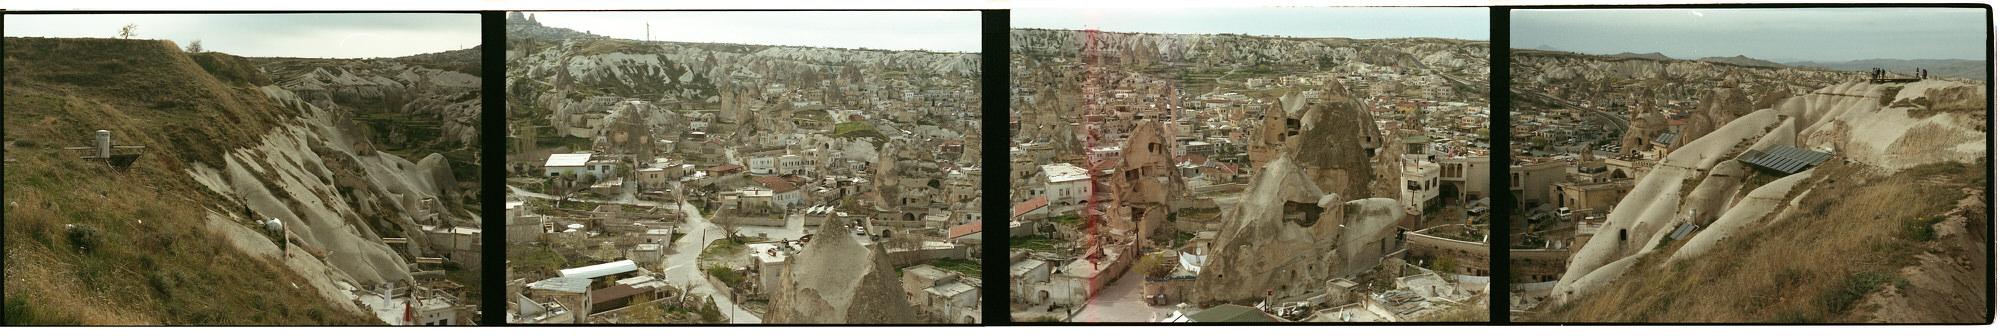 35mmPatrikWallner_Cappadocia_LandscapeMontageLOWQ